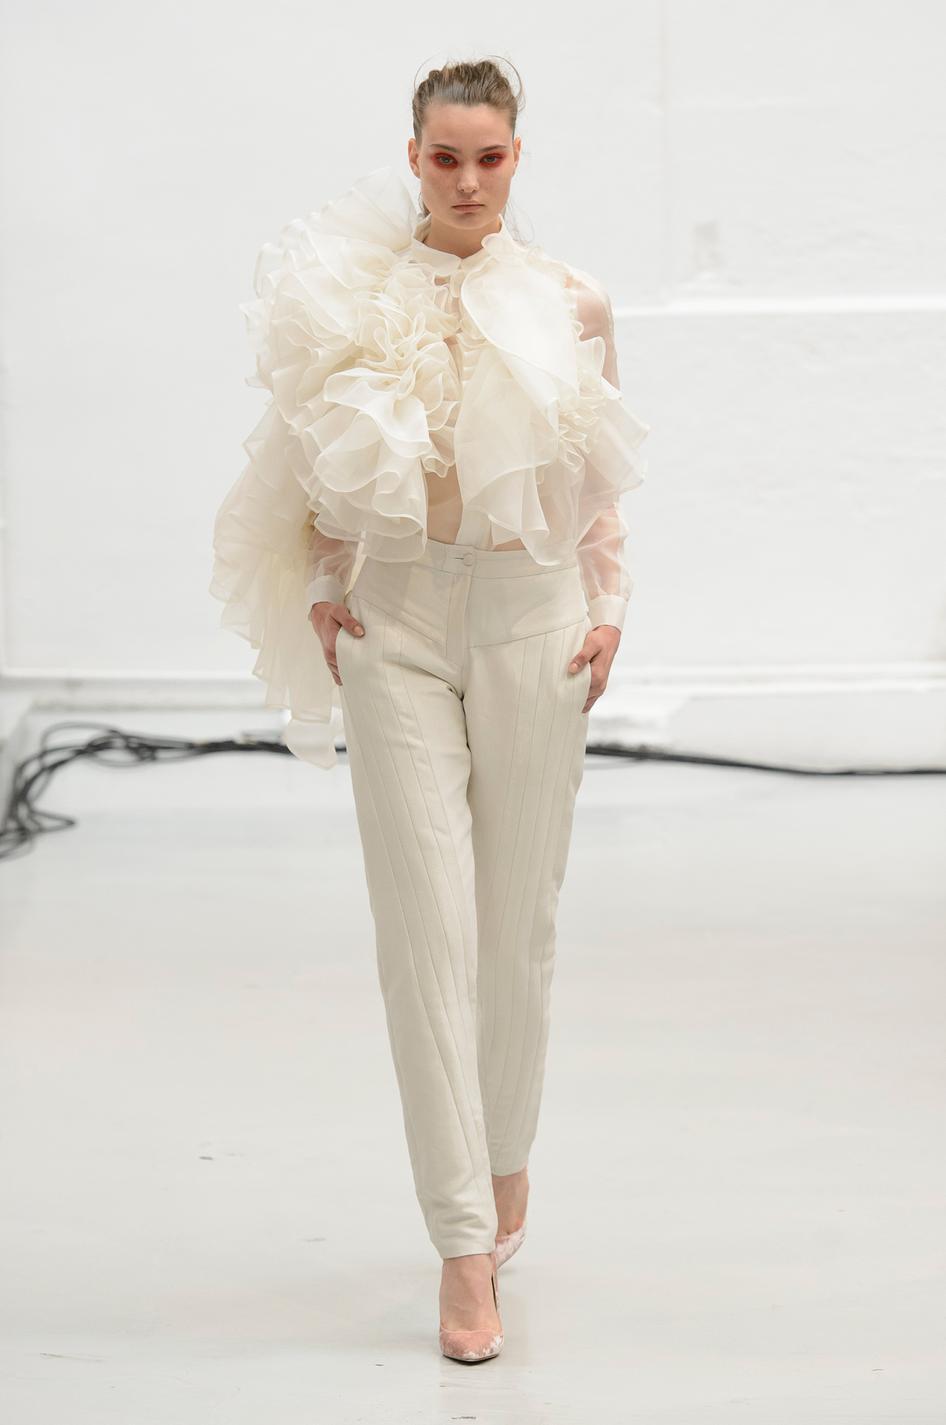 NTK Xuân-Thu Nguyễn cũng mang tới chiếc áo sơ mi trắng cấu trúc độc đáo đang rất trendy.